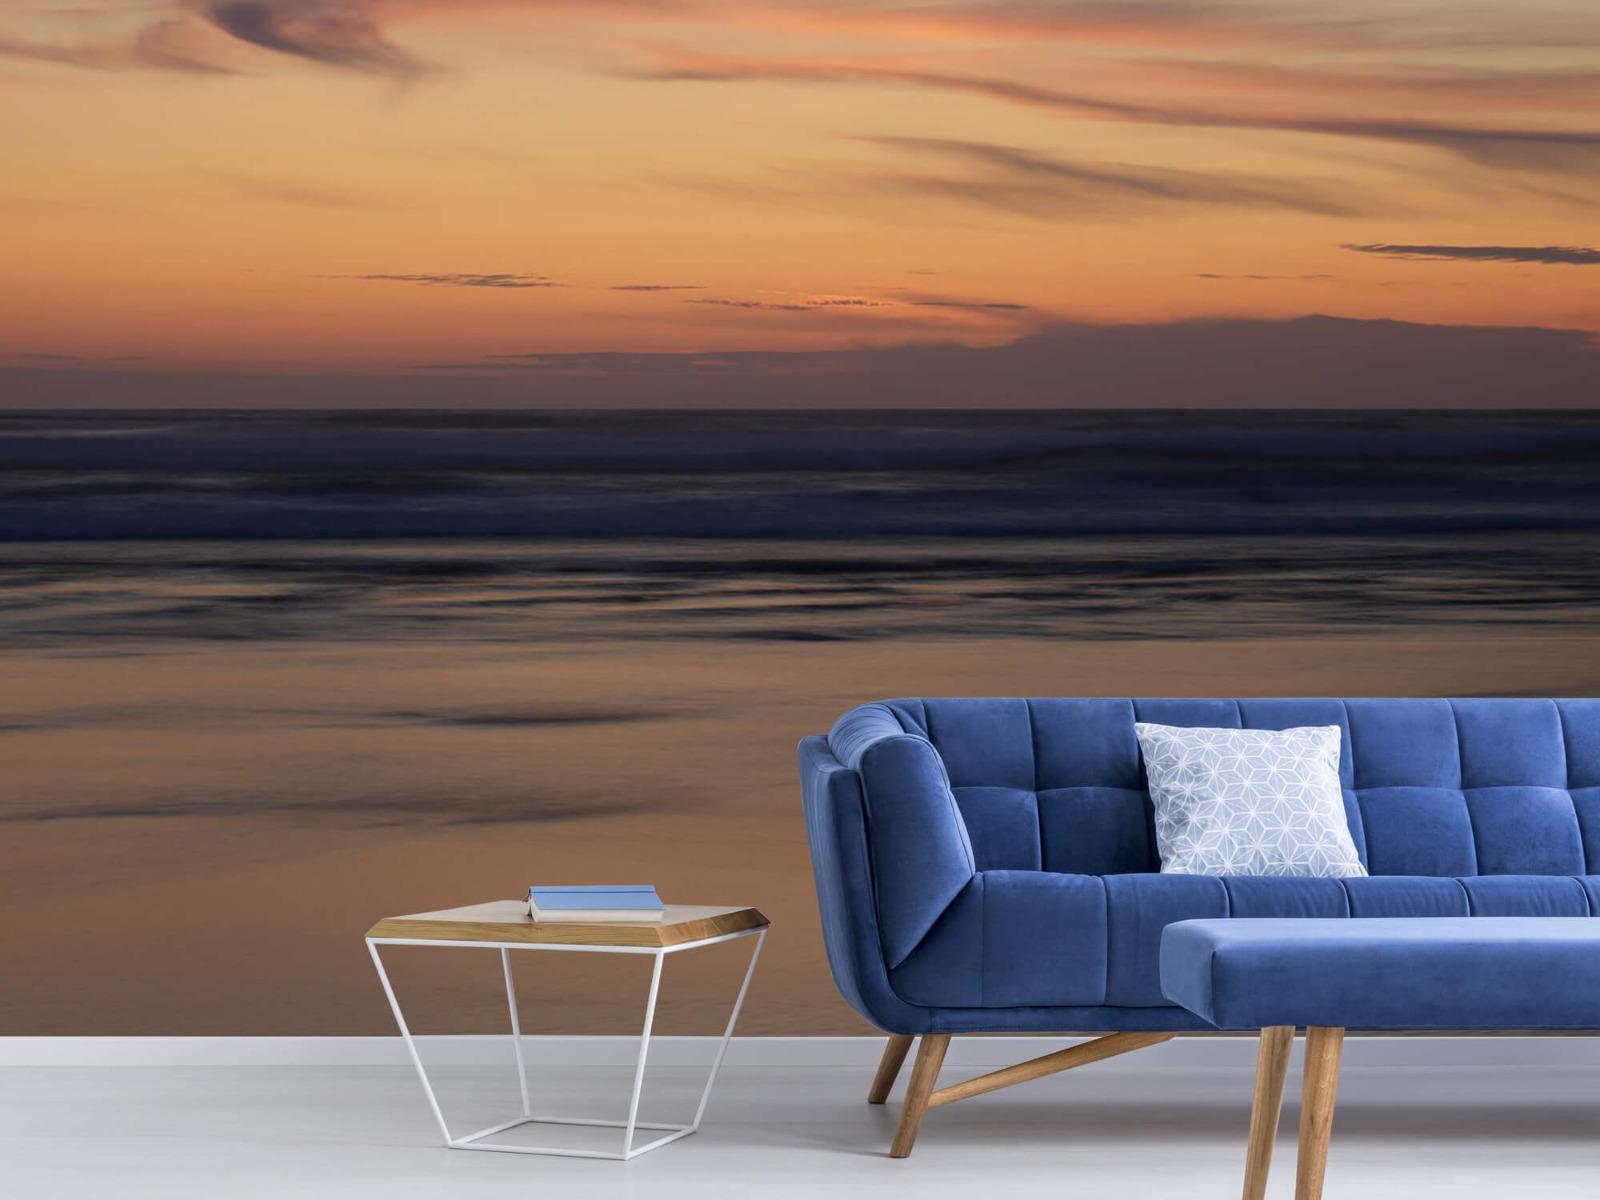 Zeeën en Oceanen - Zonsondergang aan de kust - Slaapkamer 4